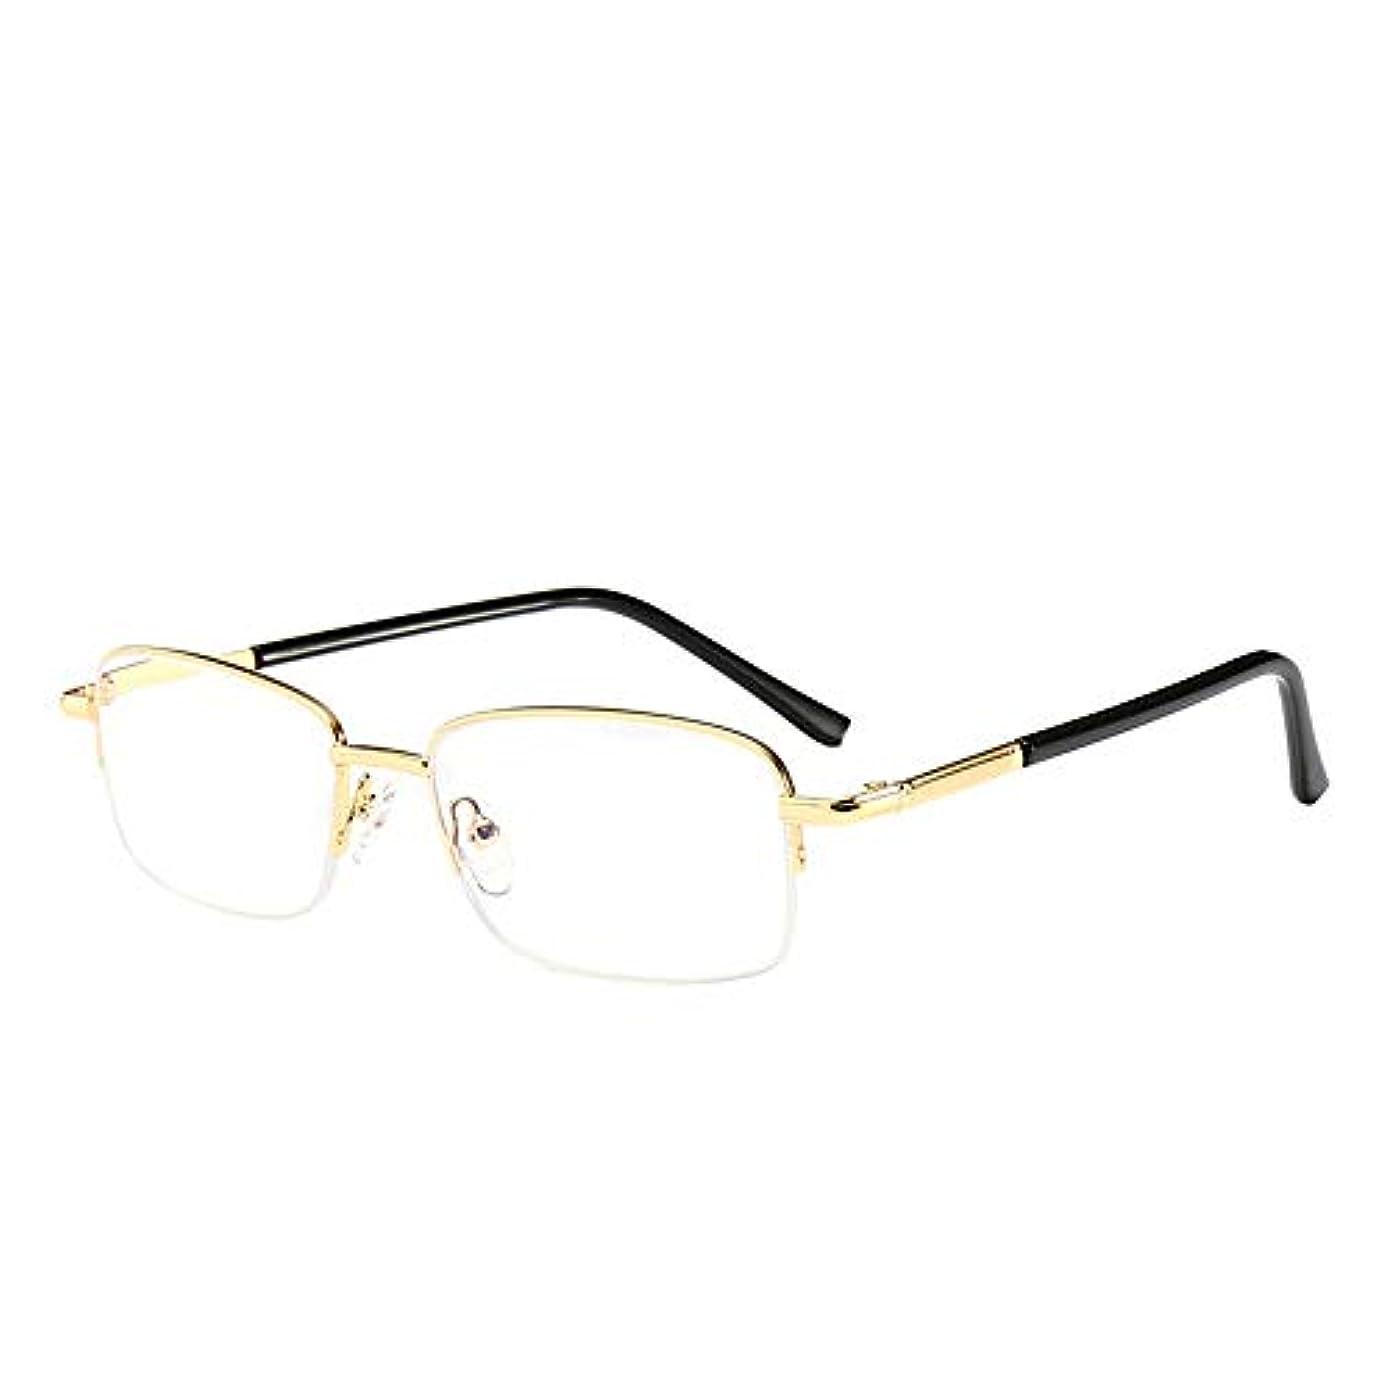 老眼鏡、 ハーフフレームメタルアンチブルー老眼鏡、 男性と女性のための遠視老眼鏡